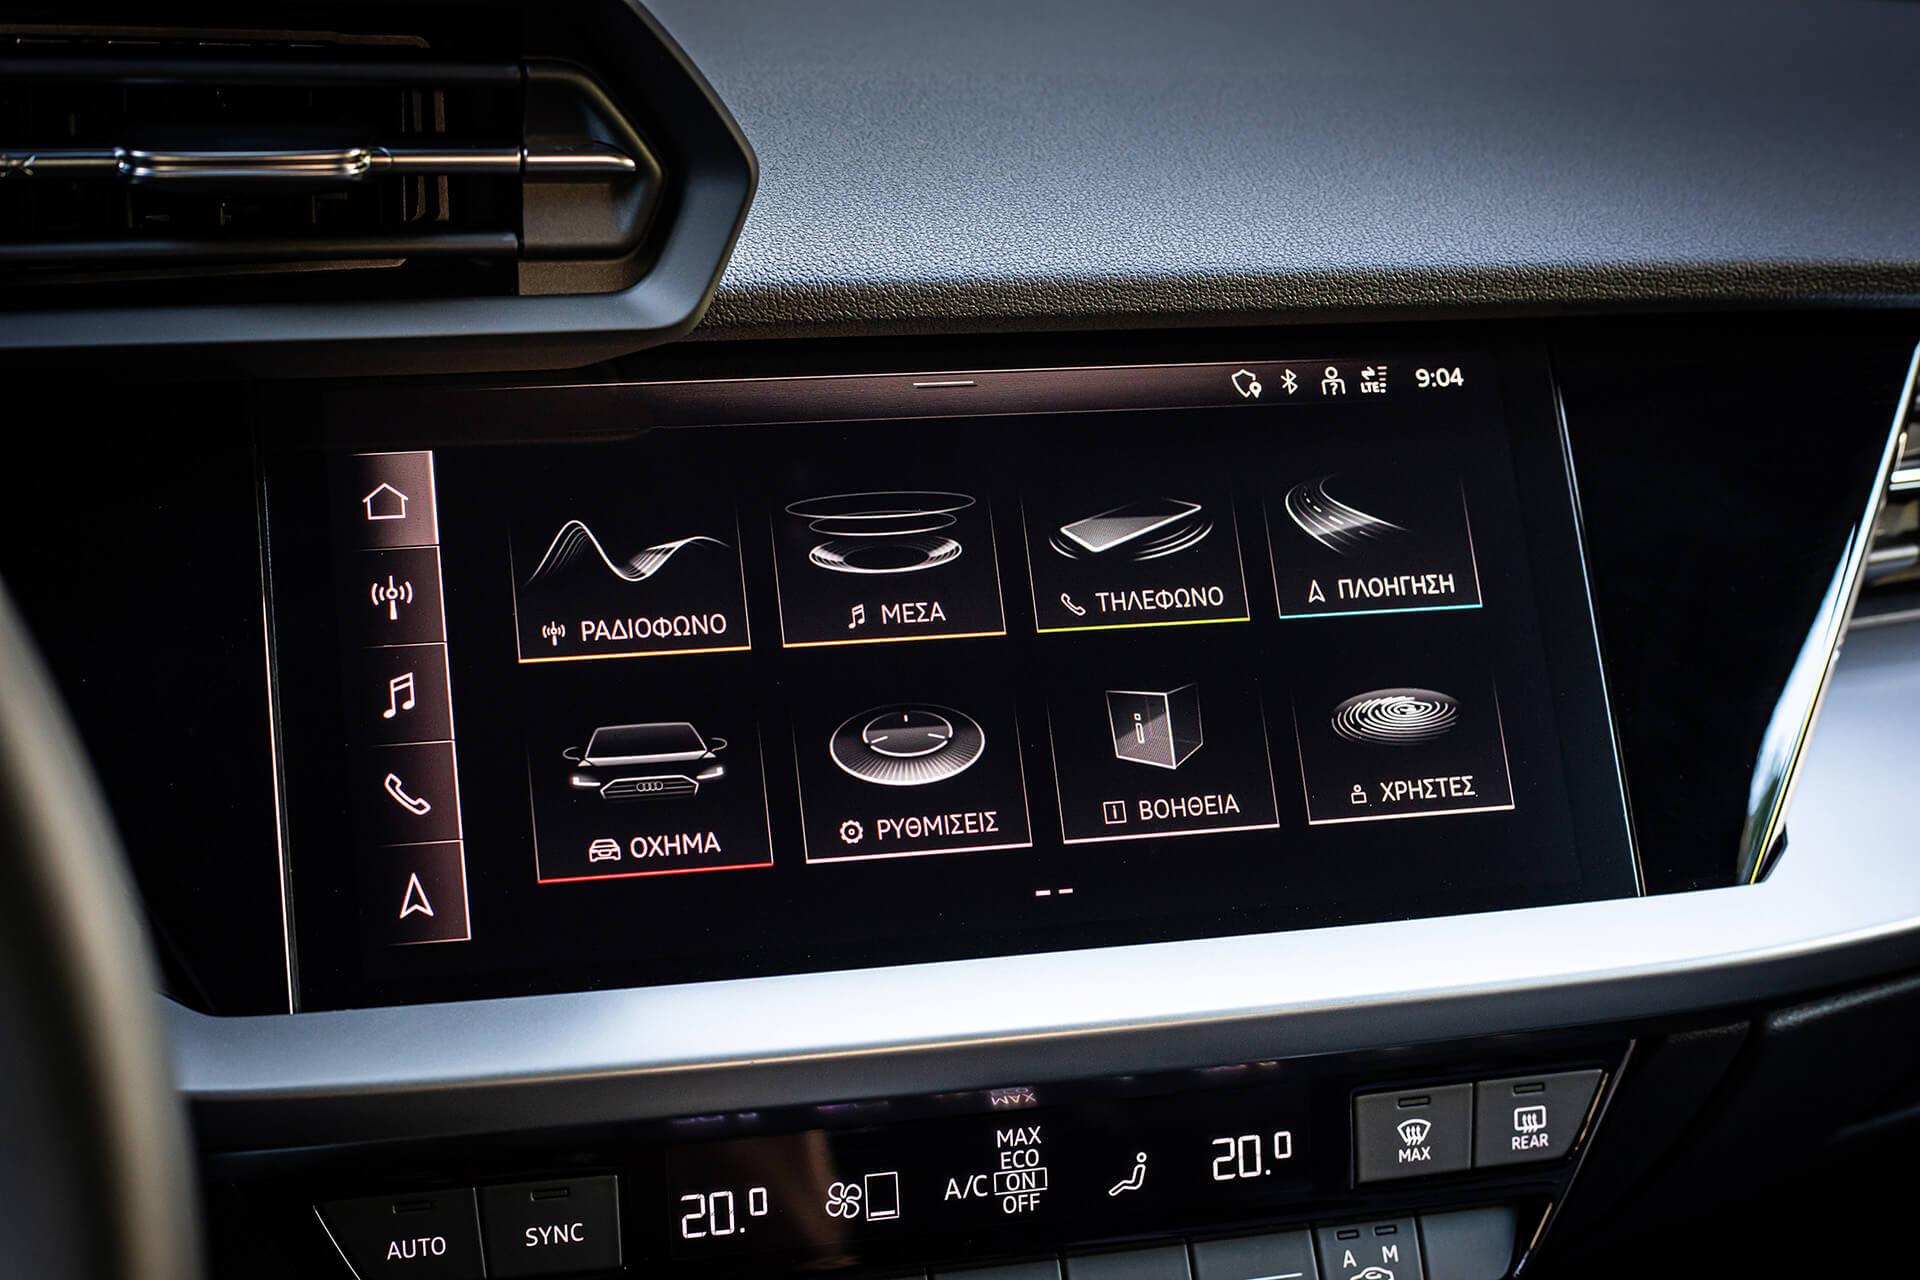 Νέο Audi A3 Sportback - Οθόνη αφής 10,1 ιντσών στο κέντρο το πίνακα οργάνων